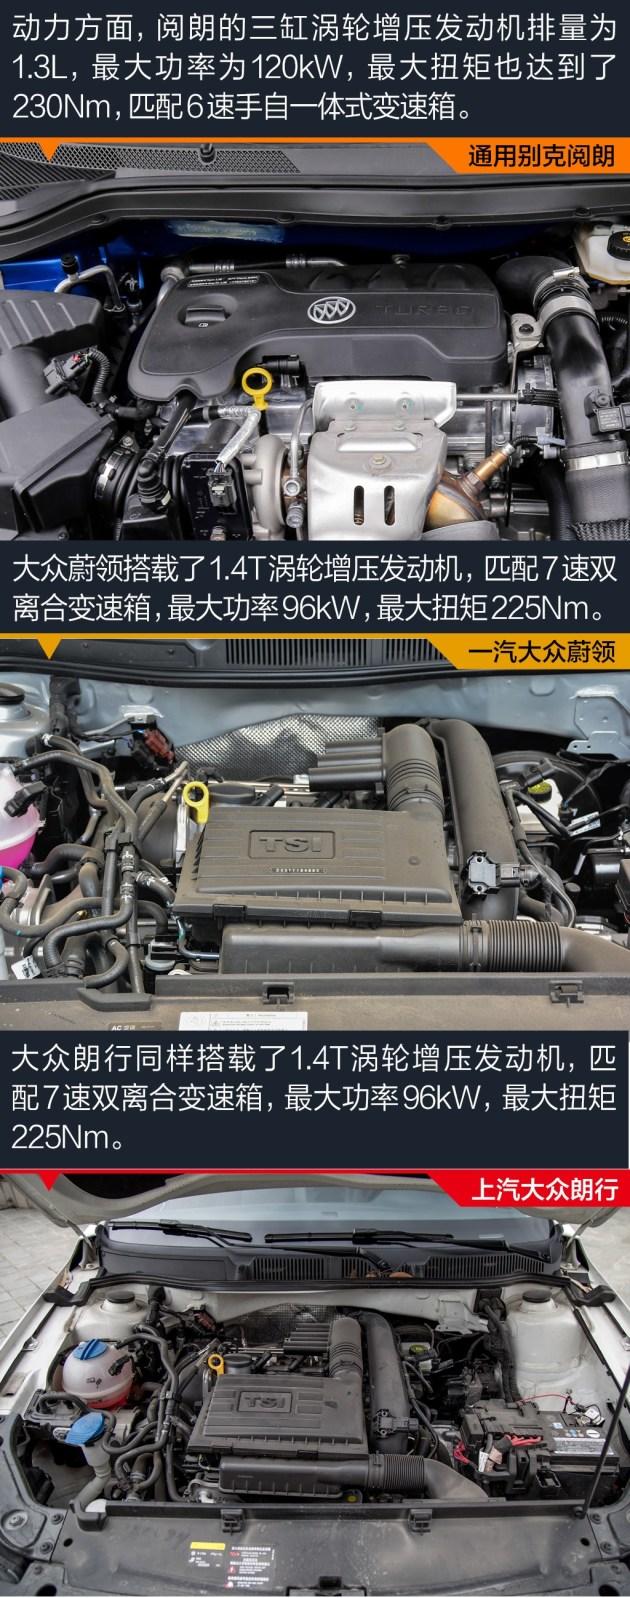 动力方面,阅朗的三缸涡轮增压发动机虽然排量才有1.3L,比大众双车的1.4T发动机排量小一点点,但其动力输出达到120kW,比朗行和蔚领的96kW高出将近30kW,而阅朗的最大扭矩也达到了230Nm,比大众双车都多了5Nm的扭矩。相比之下,阅朗用了更少的气缸压榨出了更多马力,功率和扭矩是三者中最高的,燃烧效率非常高,动力储备更充沛。虽然只是匹配了常规的6AT自动变速箱,但比7速DSG有更高的换挡平顺性,可以给予用户更舒适的驾驶感受。同时,在燃油经济性上也有着不错的表现。